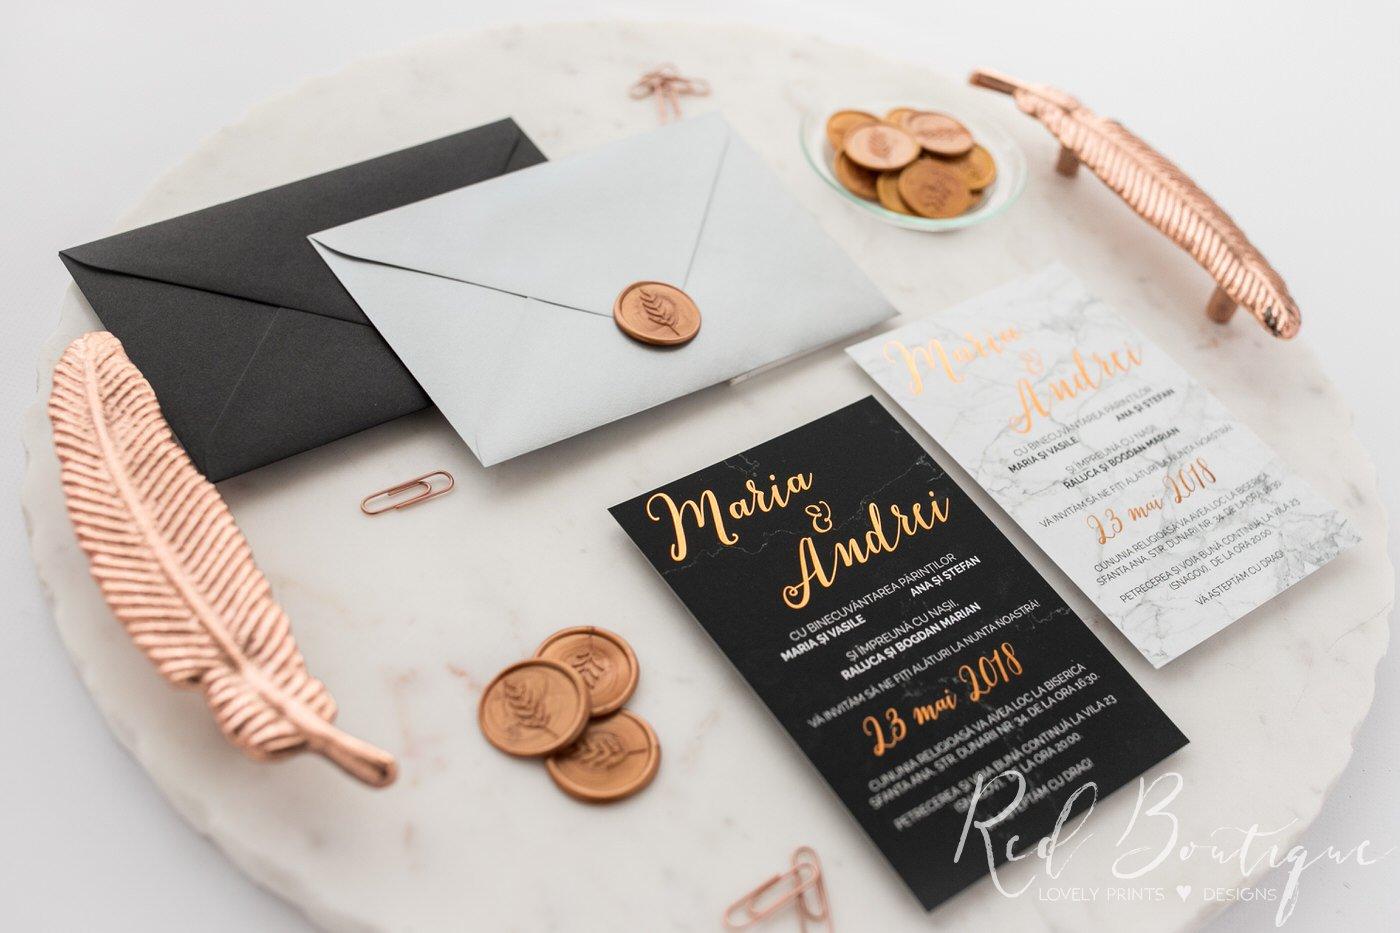 invitatii cu marmura alba si neagra elegante cu scris auriu si textura fina